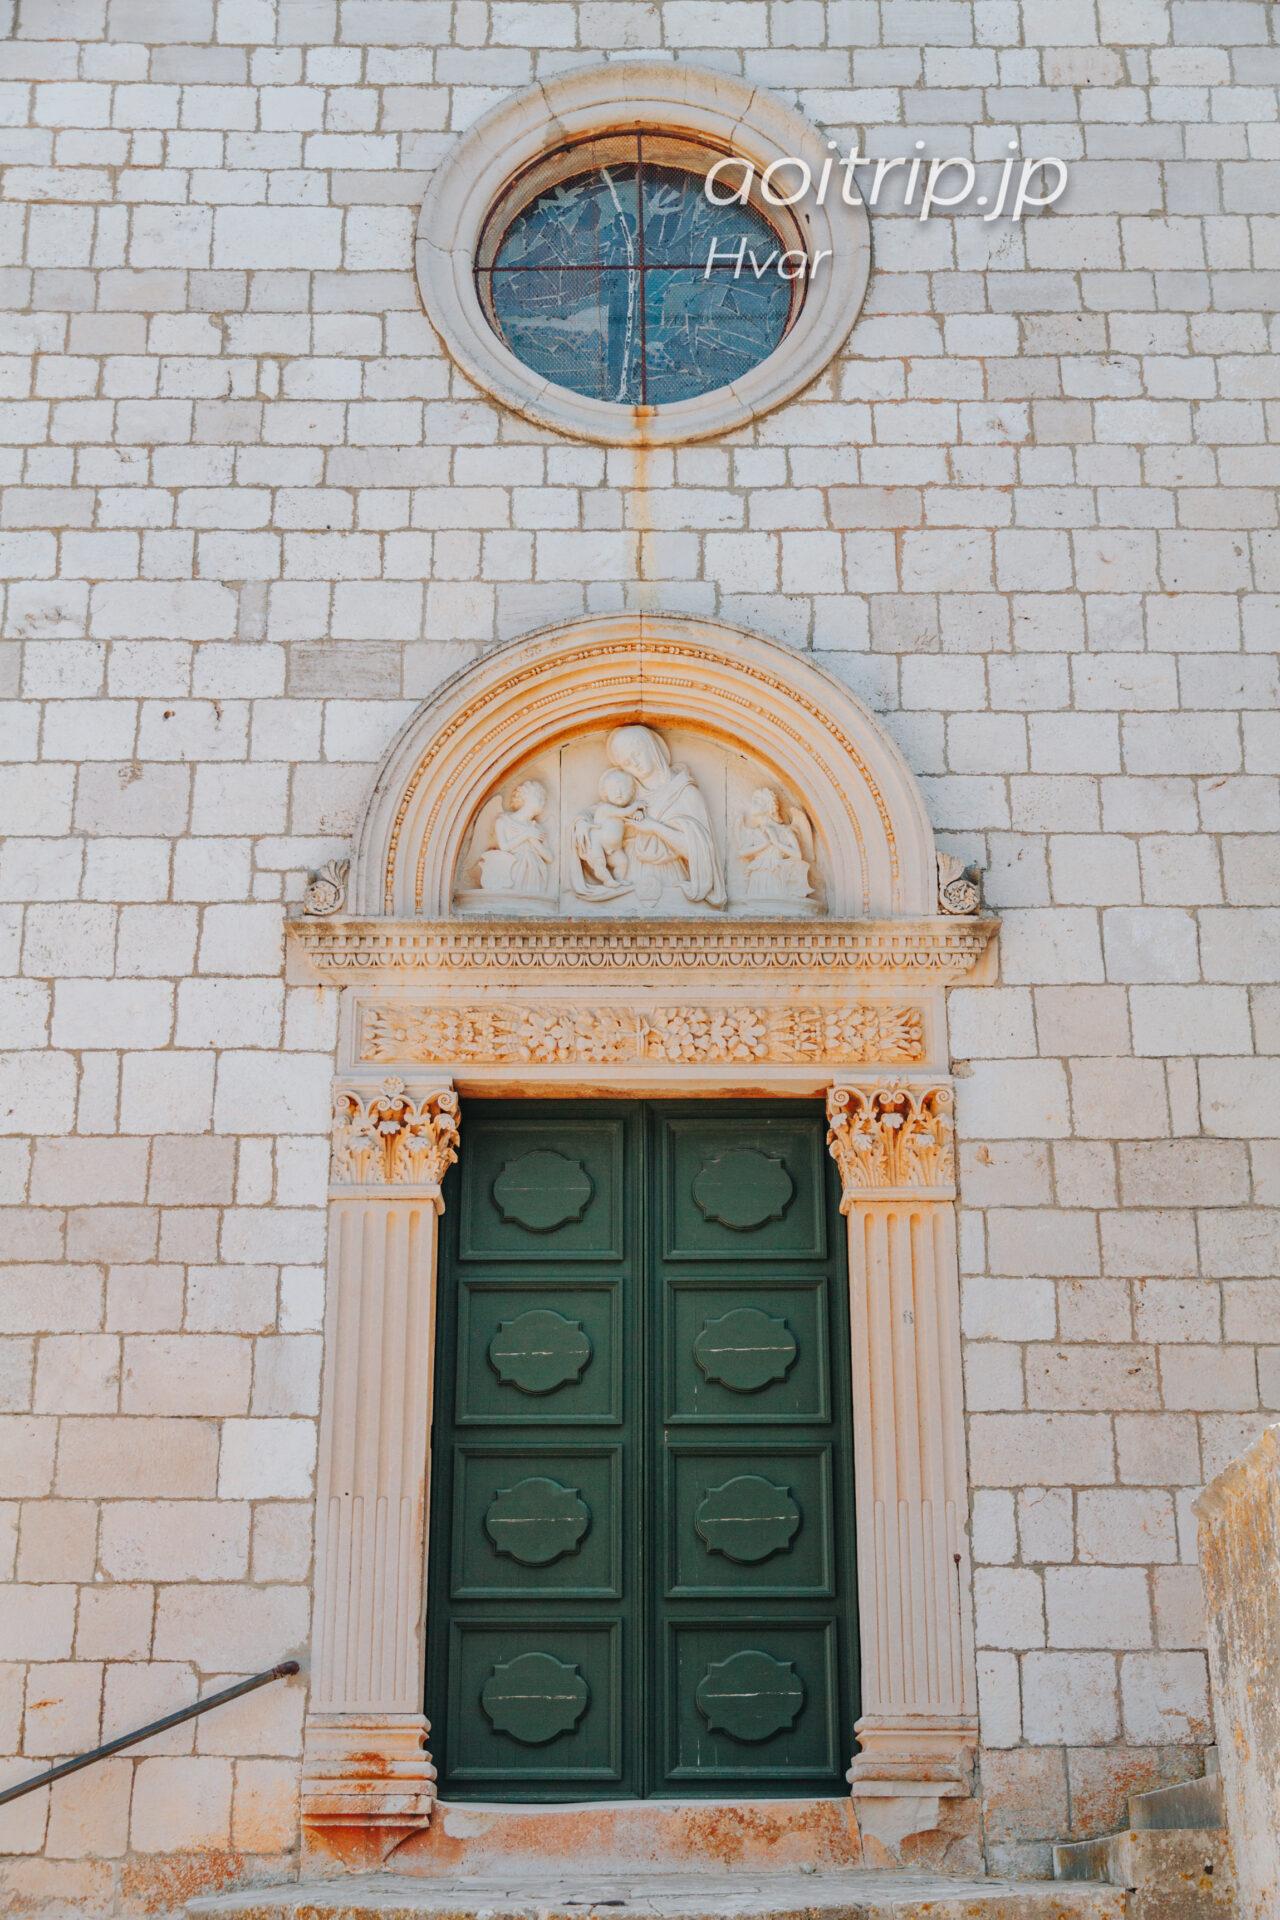 クロアチア フヴァル島のフランシスコ会修道院 Franciscan monastery